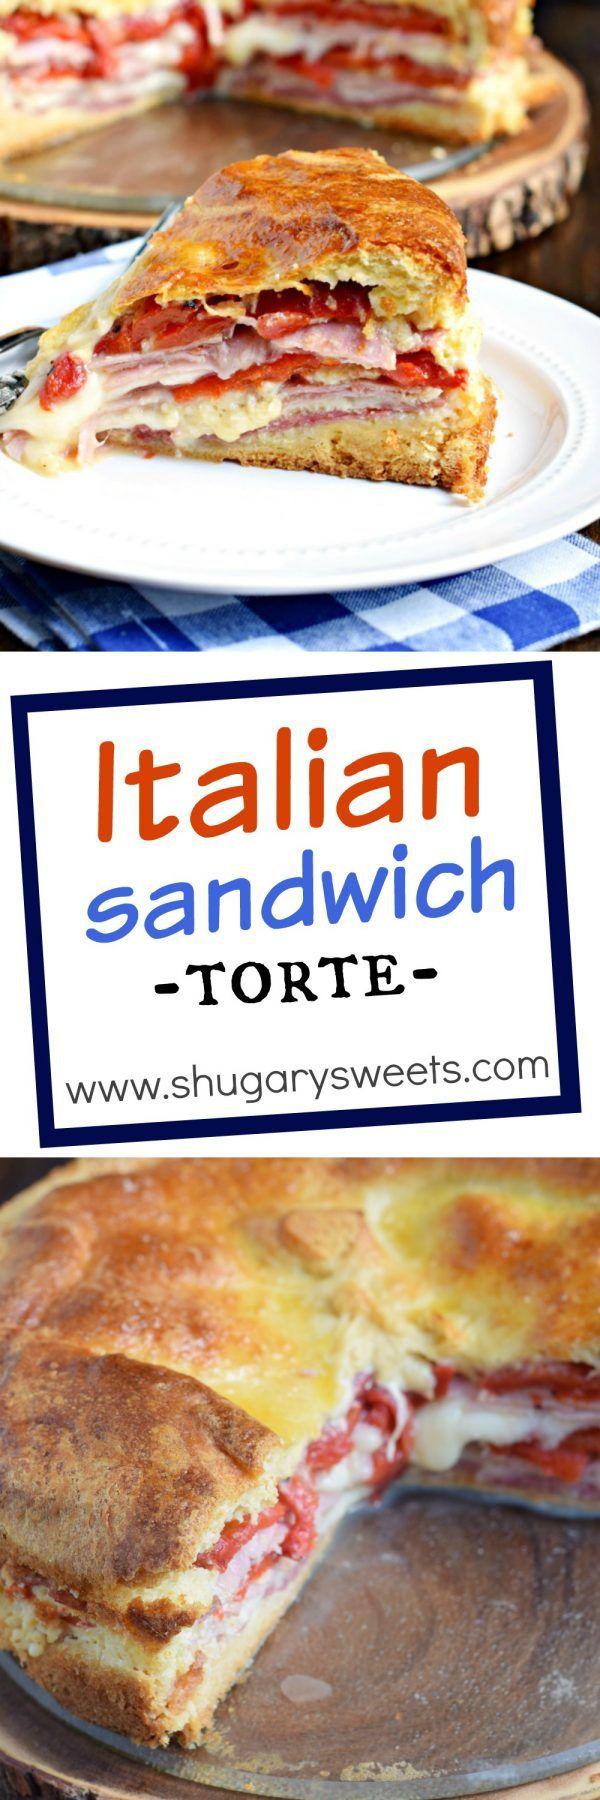 Sandwich torta italiana: perfecto para el desayuno o una cena noche!  Media Luna…